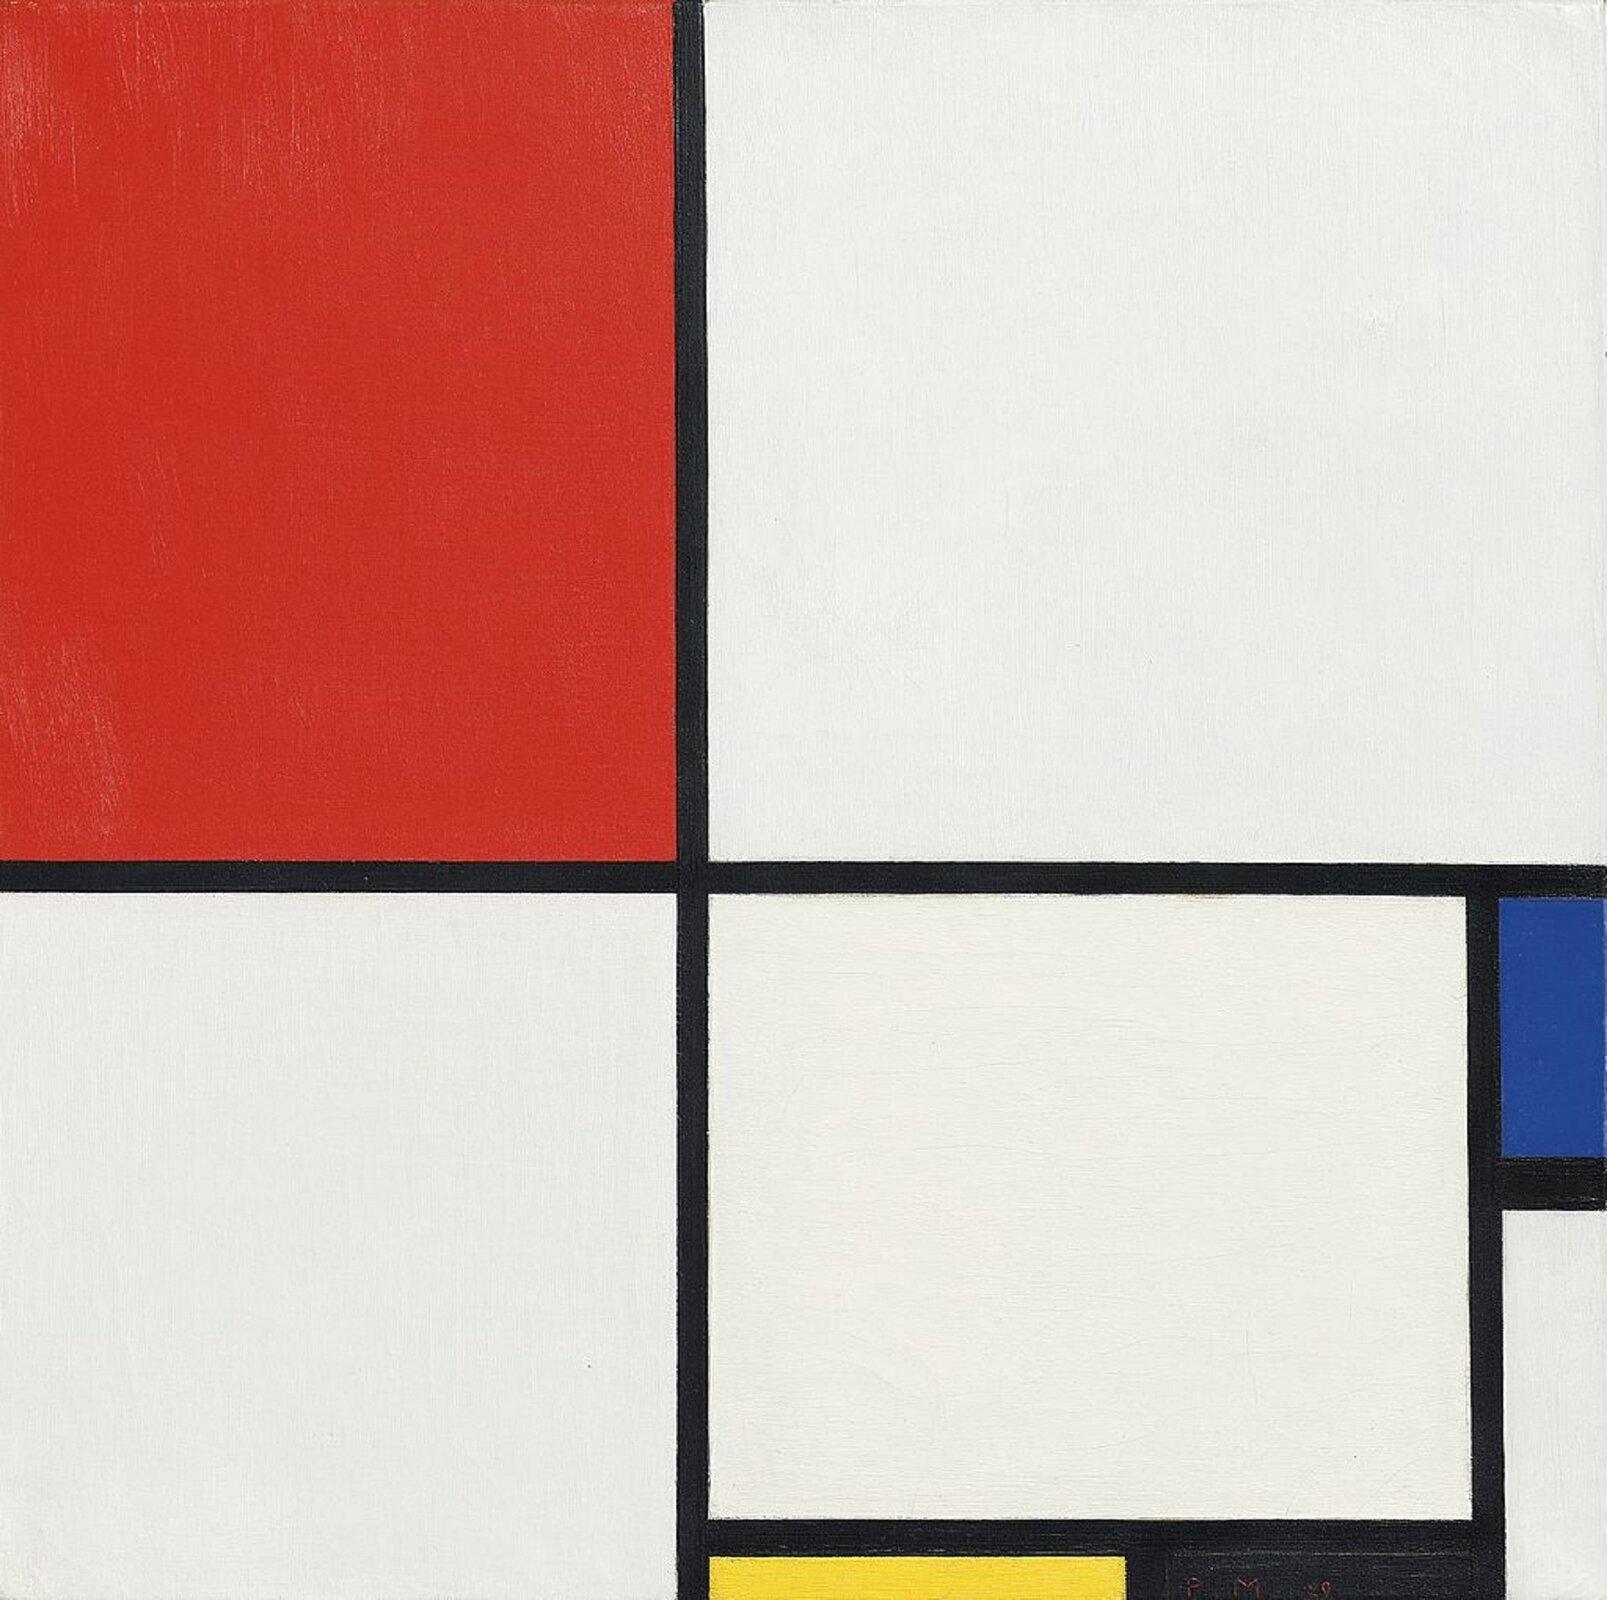 """Ilustracja przedstawia obraz olejny """"Kompozycja Nr III. Czerwony, niebieski, żółty iczarny"""" autorstwa Pieta Mondriana. Biała płaszczyzna abstrakcyjnej kompozycji podzielona jest przez dwie linie: pozioma linia, która dzieli ją na górną idolną część oraz pionowa, która dzieli obraz na prawą szerszą ilewą węższą stronę. Wten sposób na obrazie powstały cztery prostokąty. Płaszczyzna po prawej stronie dolnej części kompozycji podzielona jest dodatkowo na pięć prostokątów: jeden duży biały oraz cztery wąskie wkoloże żółtym, czarnym, białym iniebieskim. Dominującym akcentem kompozycji jest czerwony, prostokąt znajdujący się wlewej, górnej partii obrazu."""